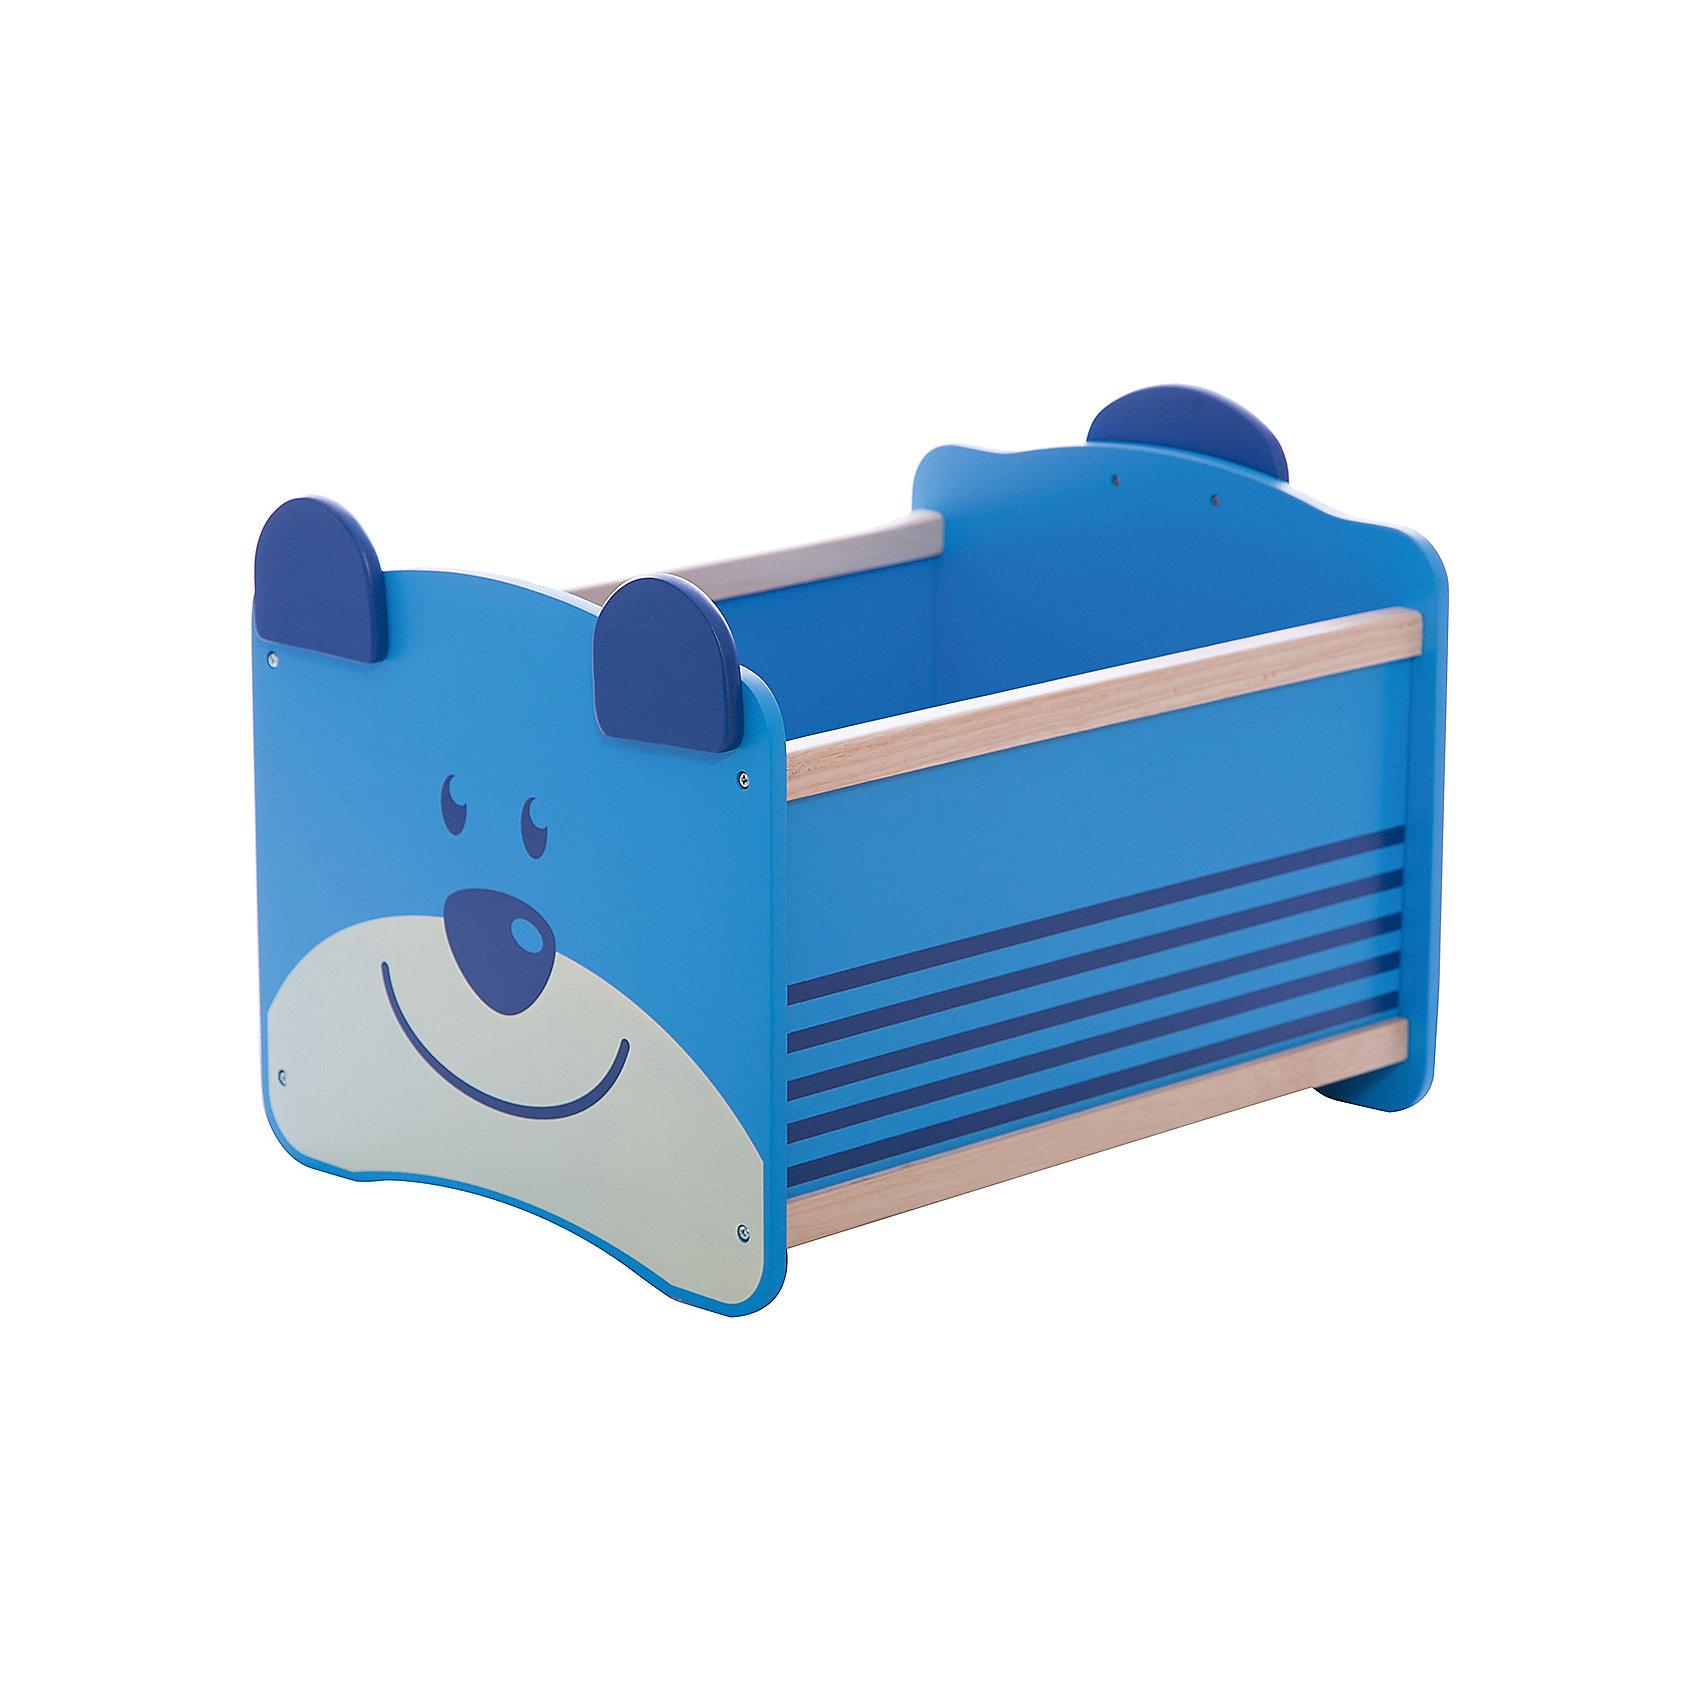 Ящик для хранения Медведь, Im Toy, синийПорядок в детской<br>Ящик для хранения Медведь, Im Toy, синий.<br><br>Характеристики:<br><br>• Для детей в возрасте: от 3 до 6 лет<br>• Материал: древесина<br>• Цвет: синий<br>• Размер: 34 х 44 х 32,5 см.<br>• Вес: 2,583 кг.<br><br>Ящик для хранения позволит вам сохранять порядок в детской комнате, а также приучать малыша к аккуратности и к тому, что все вещи должны лежать на своих местах. Ящик выполнен в виде прямоугольной конструкции синего цвета. Передняя стенка ящика – это улыбающаяся мордочка медвежонка с ушками, которые играют роль ручек, а задняя стенка - с хвостиком. Ящик достаточно вместителен. Он имеет устойчивое основание, поэтому малыш не опрокинет его во время использования. Углы изделия закруглены. Ящик изготовлен из высококачественной экологичной древесины, окрашен безопасными, стойкими к истиранию красителями.<br> <br>Ящик для хранения Медведь, Im Toy, синий можно купить в нашем интернет-магазине.<br><br>Ширина мм: 34<br>Глубина мм: 44<br>Высота мм: 33<br>Вес г: 2583<br>Возраст от месяцев: 36<br>Возраст до месяцев: 72<br>Пол: Унисекс<br>Возраст: Детский<br>SKU: 5543471